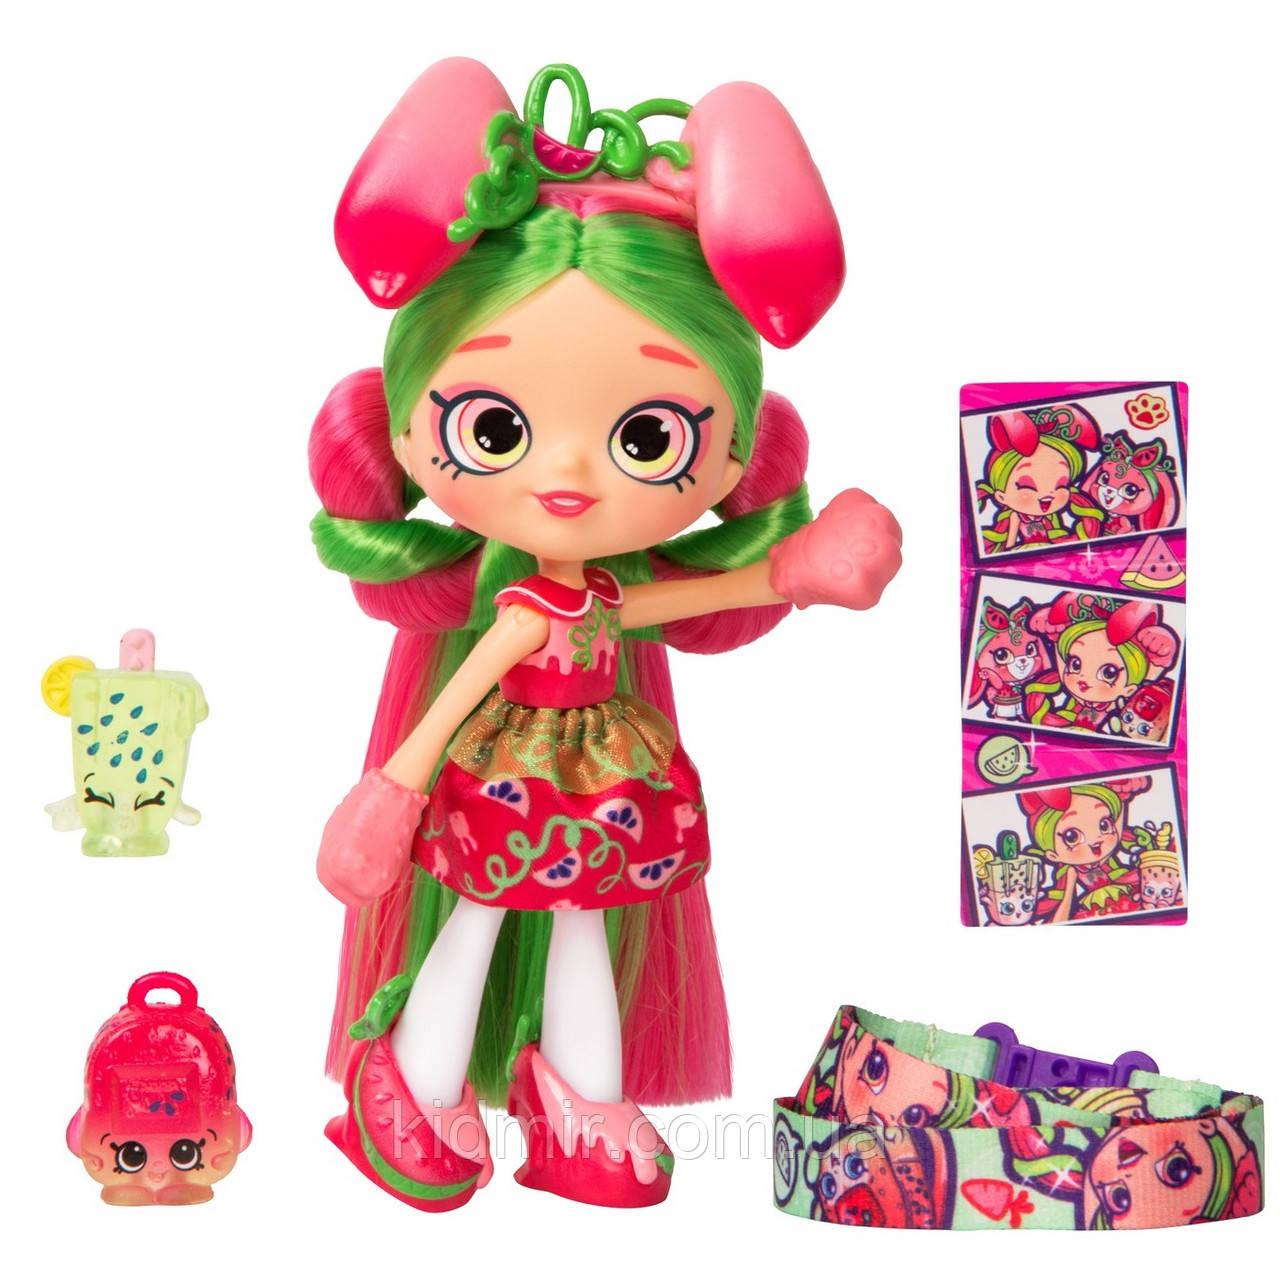 Кукла Шопкинс Арбузинка Пиппа Дикий стиль Shopkins Shoppies Pippa Melon